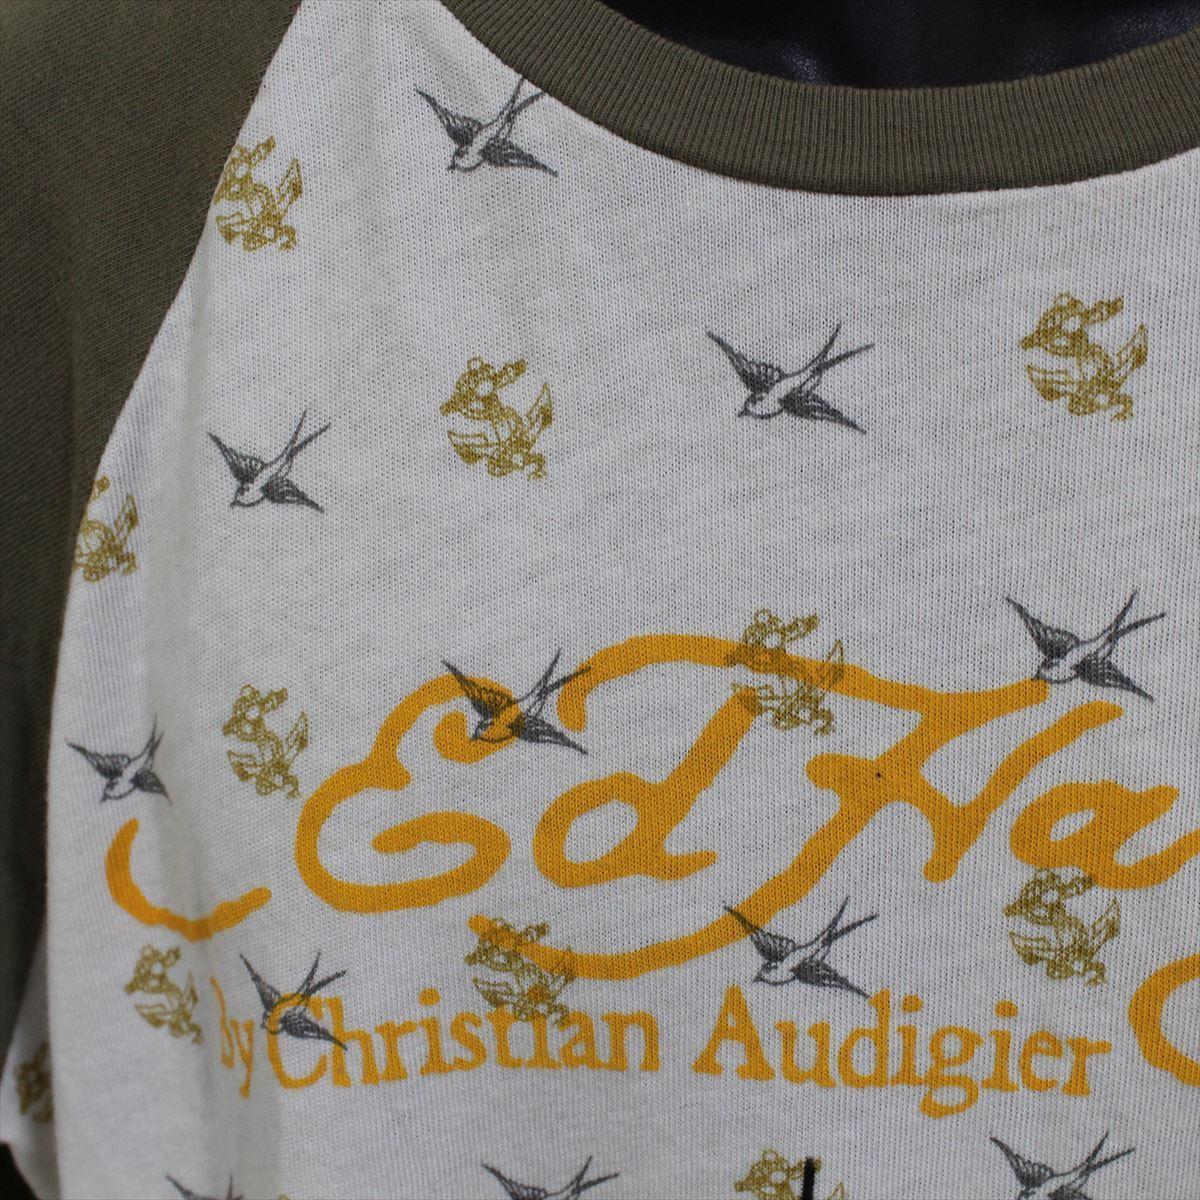 エドハーディー ED HARDY メンズ長袖Tシャツ カーキ Lサイズ M03TTMR312 新品 ラグランスリーブ アメリカ製_画像3